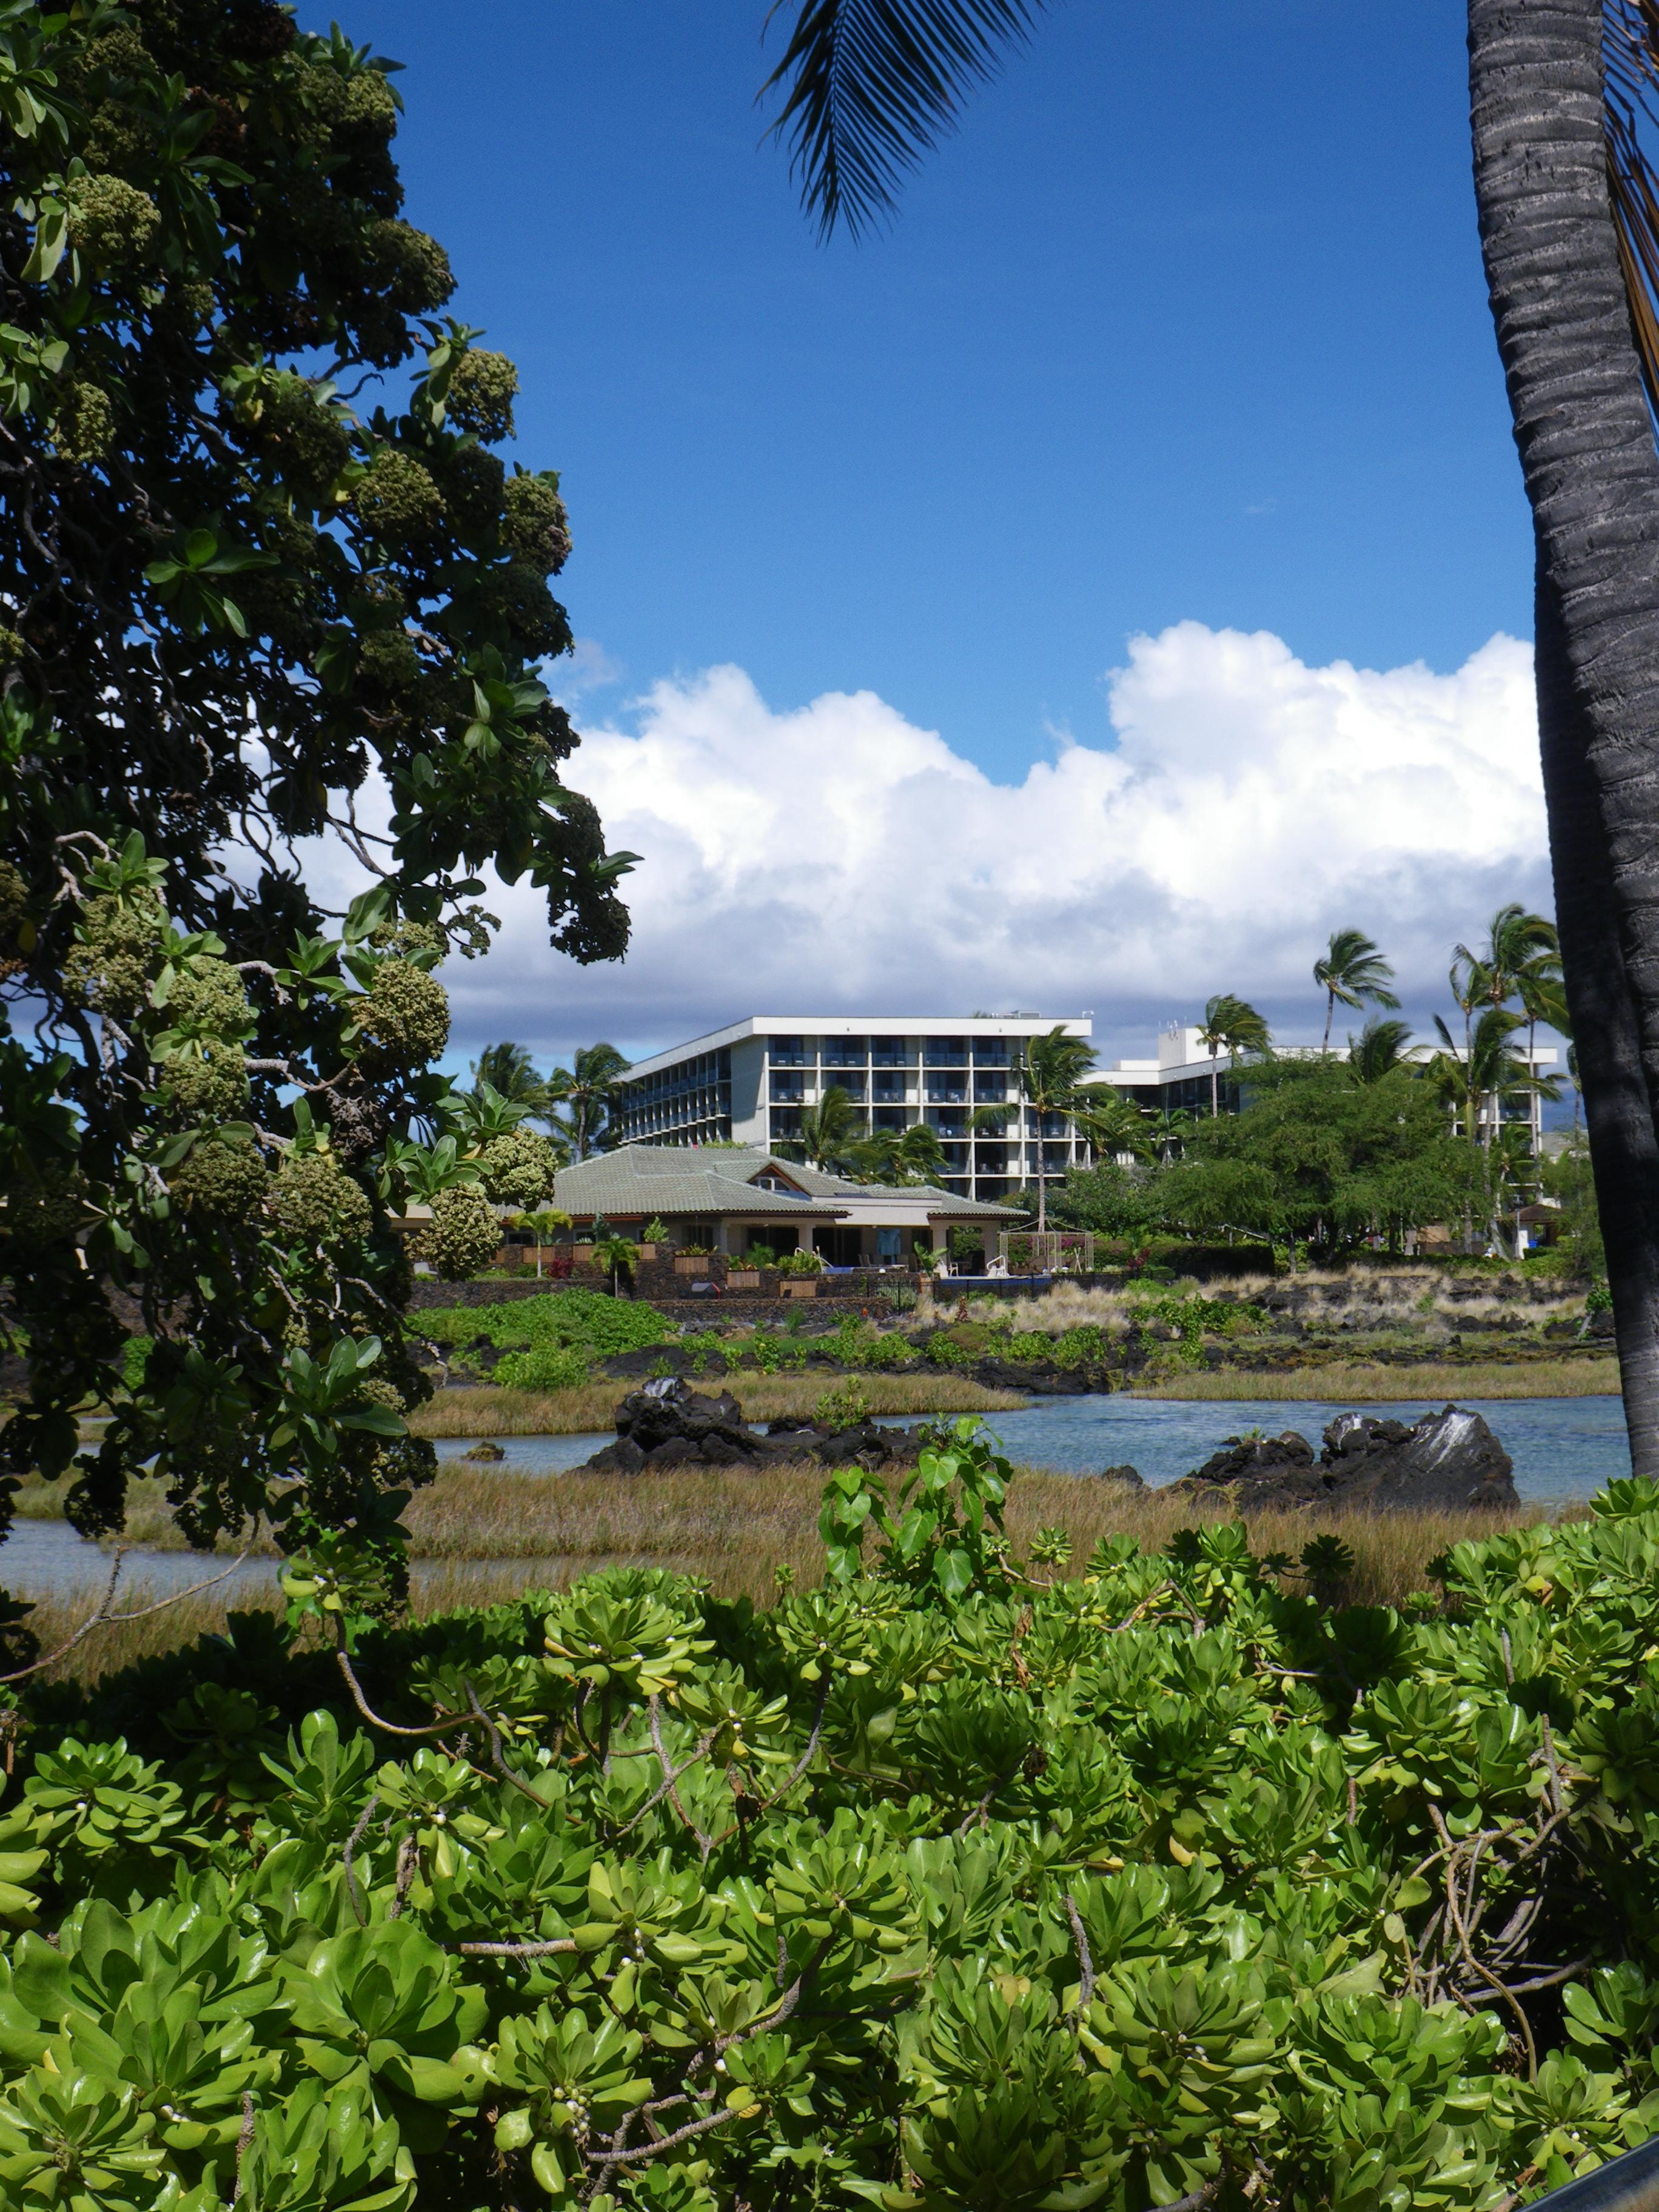 Waikoloa Beach Marriot and royal fishponds